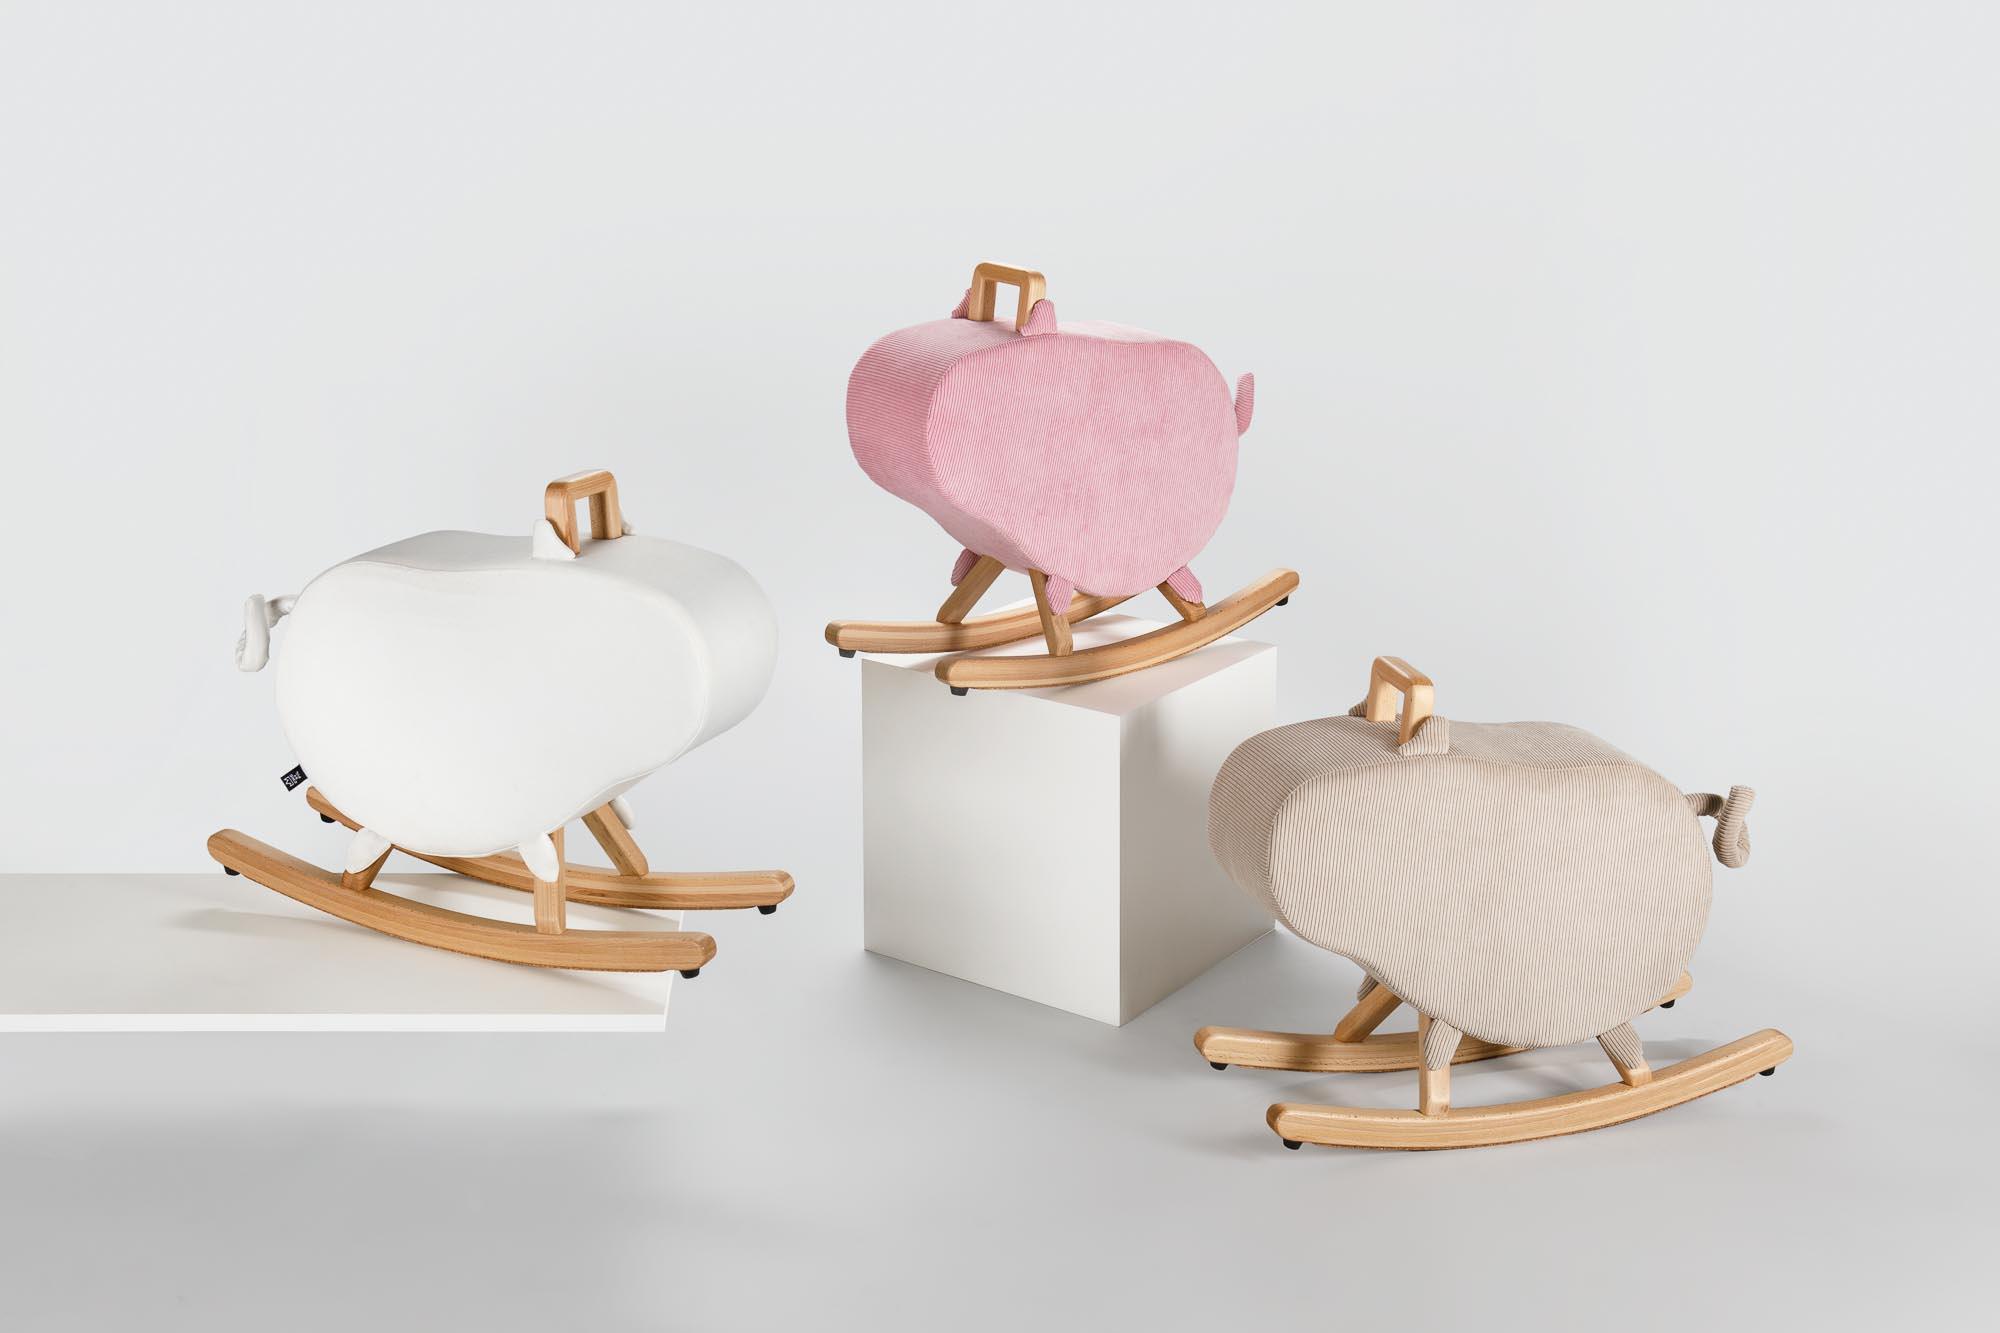 Chic By Pig opět na největší výstavě v ČR - Designblok 2020.